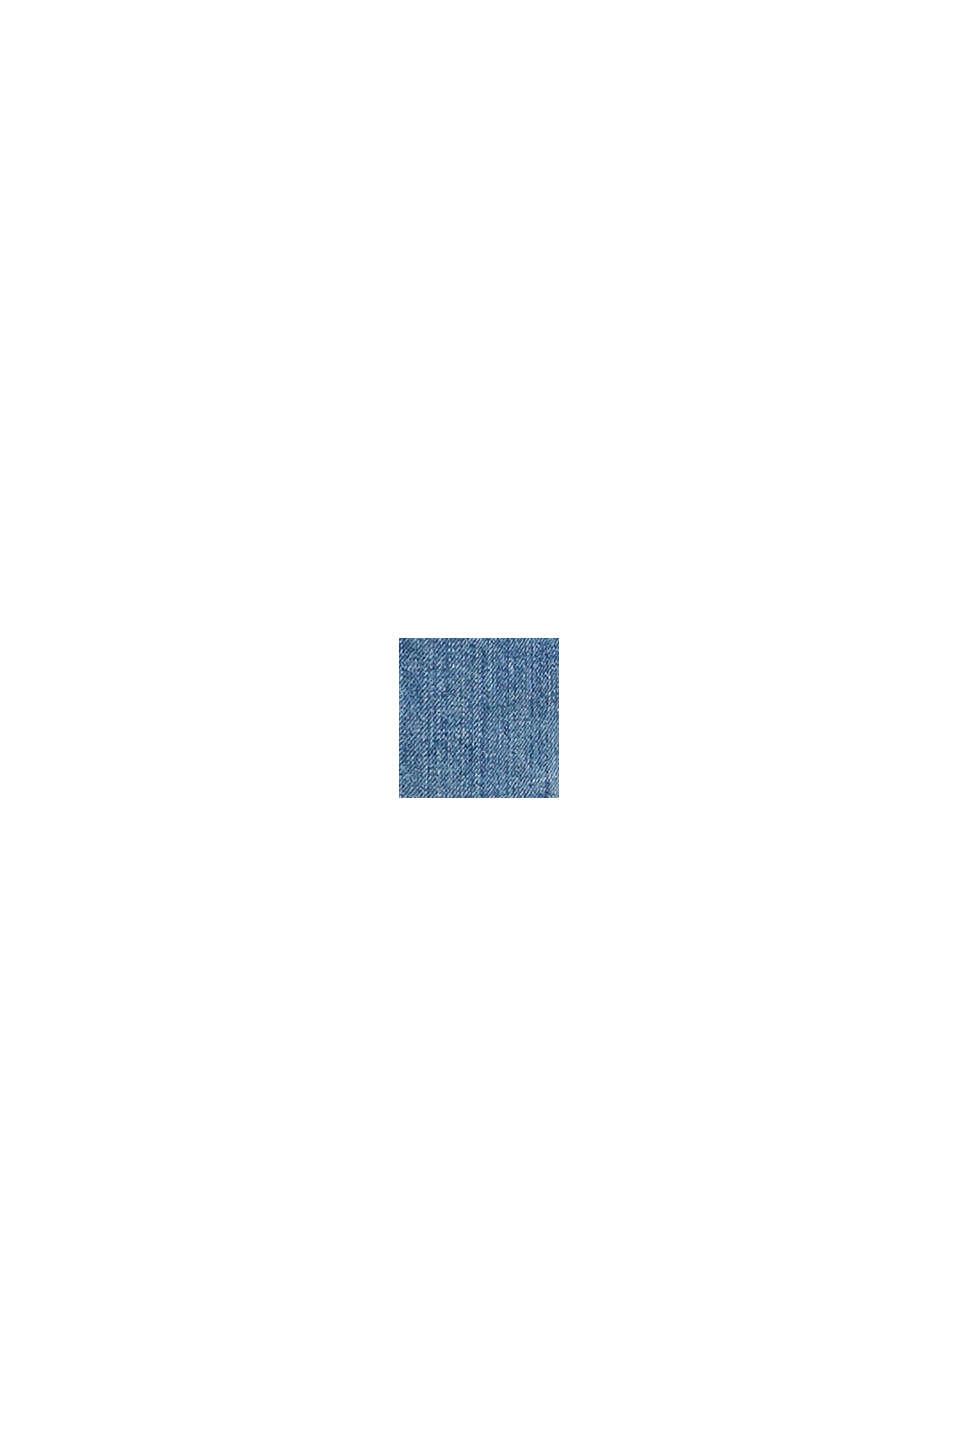 Denim Bermudas with frayed hems, BLUE DARK WASHED, swatch